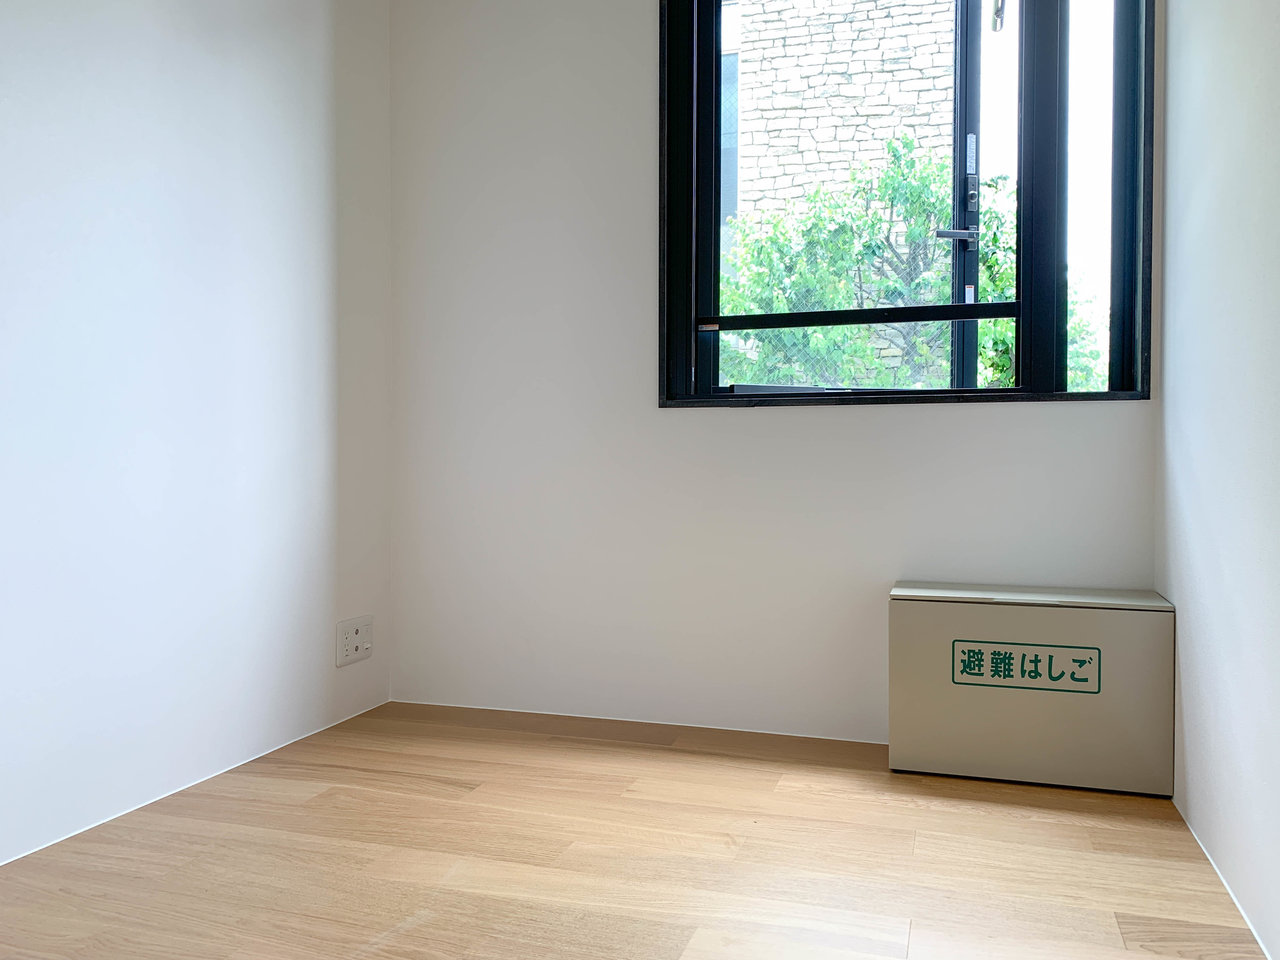 お部屋は全部で12.88㎡。居室部分は一番長くて2メートルの辺がありますので、ぎりぎりベッドも置くことができます。